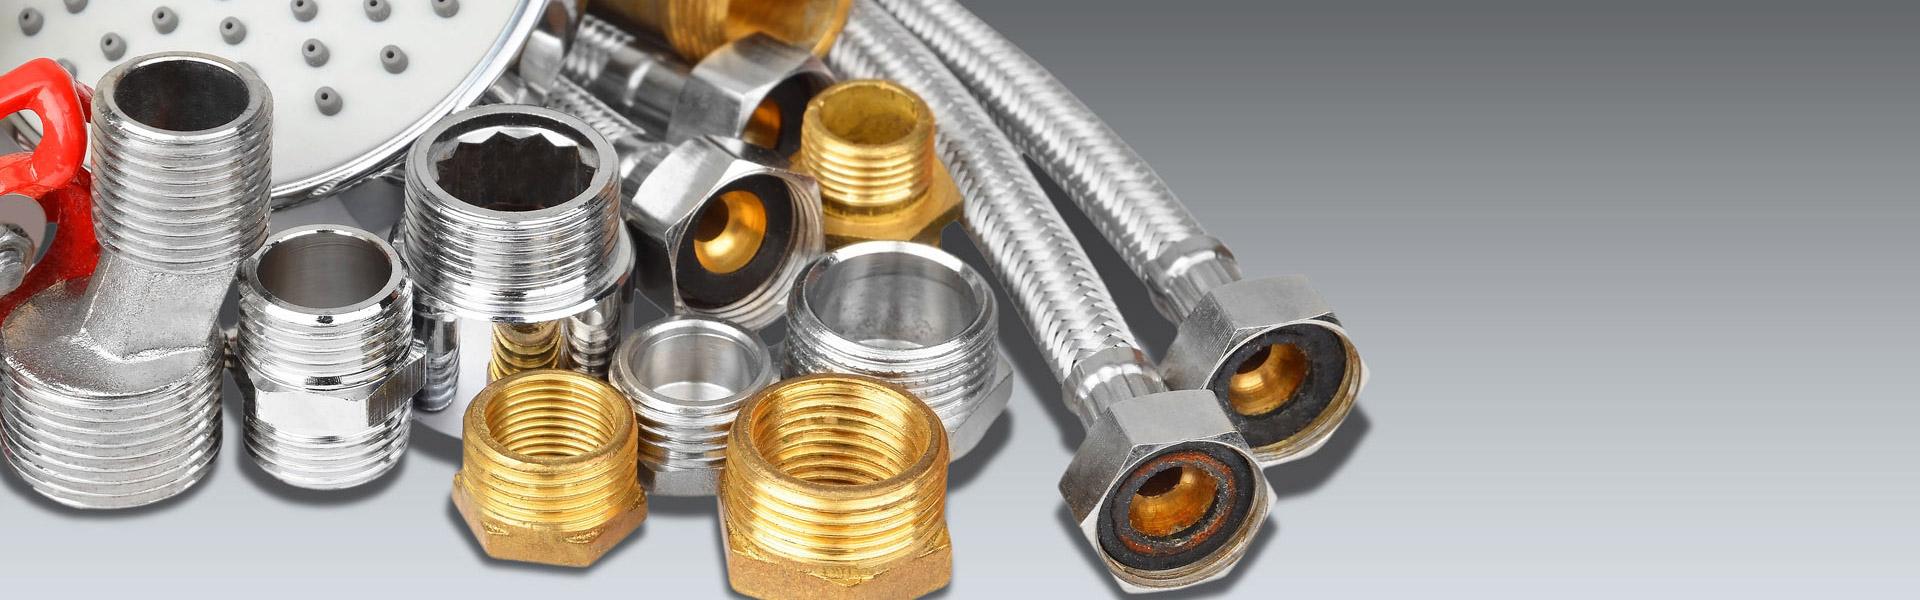 Realizzazione impianti idraulici ravenna for Di ferroni